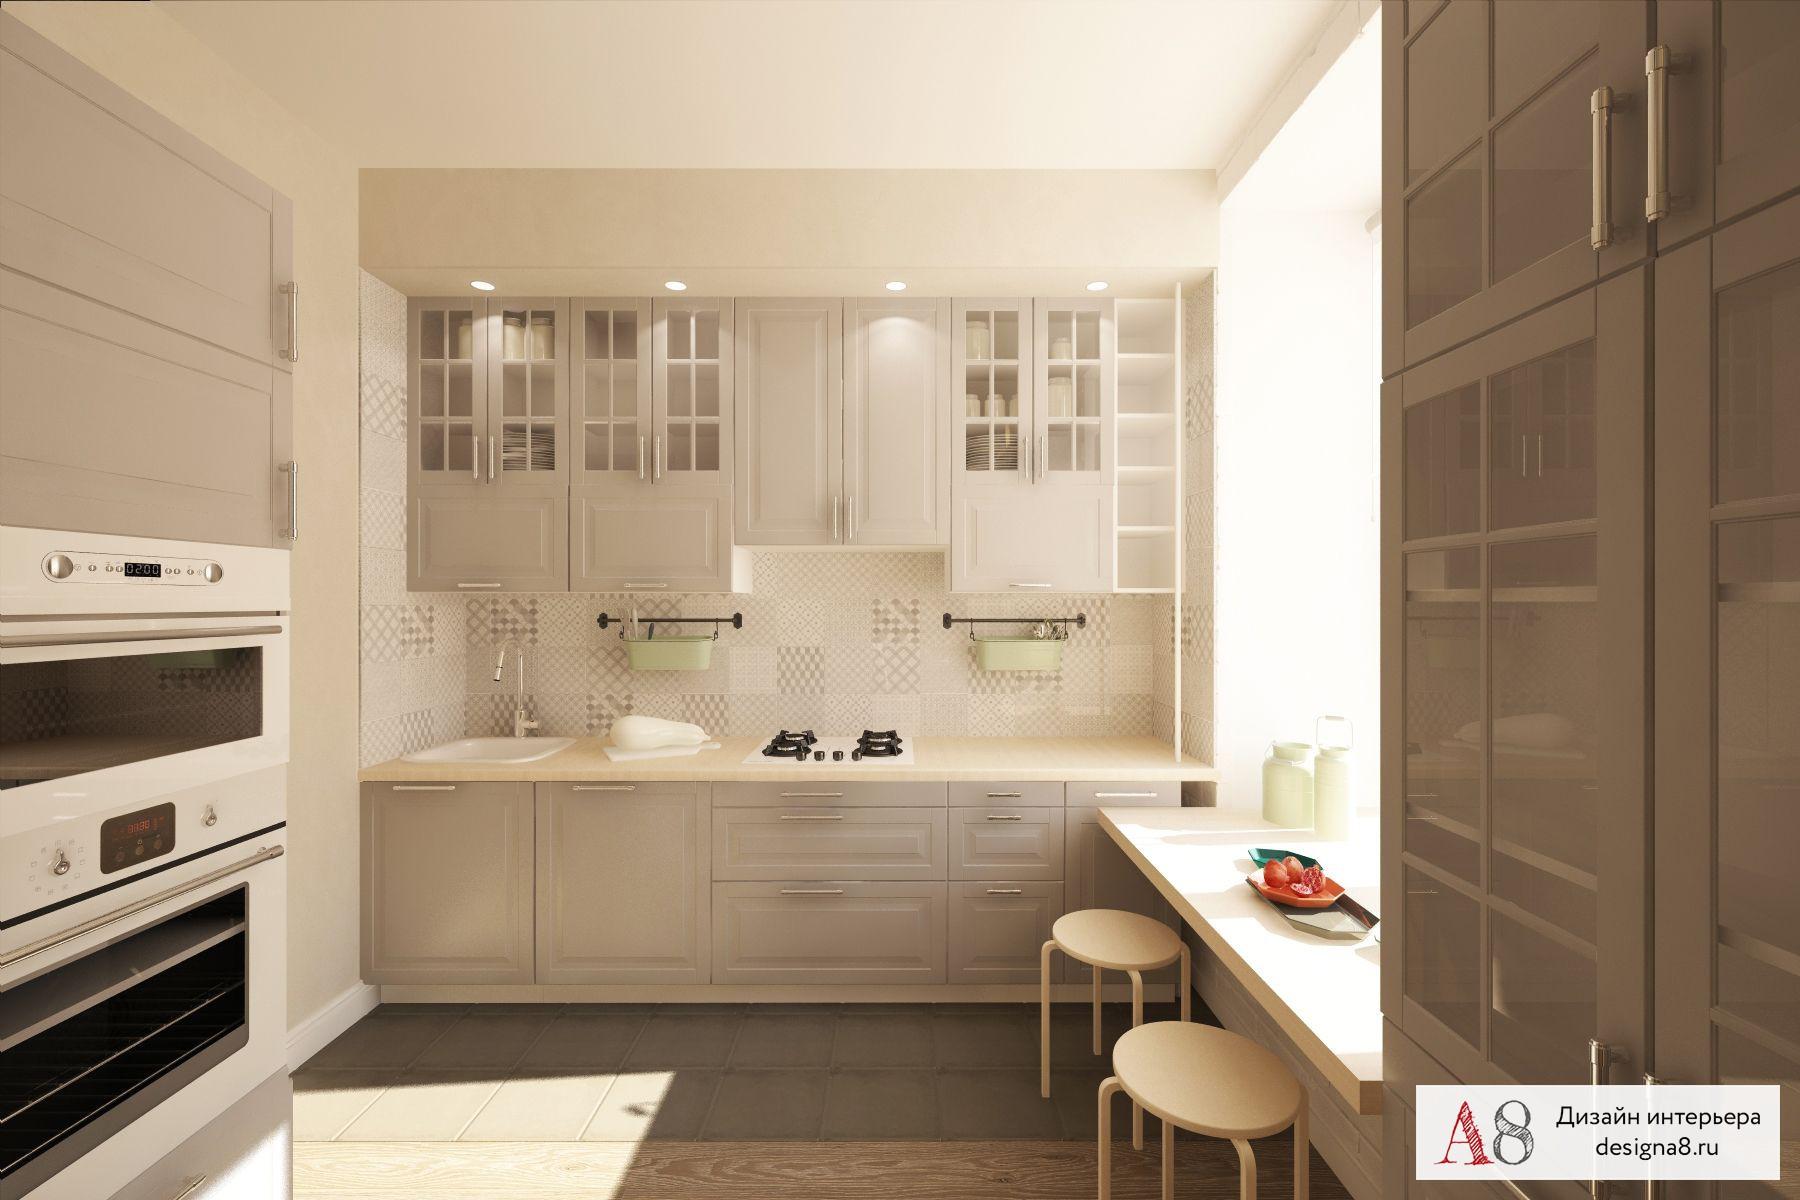 Кухни фото дизайн п 44